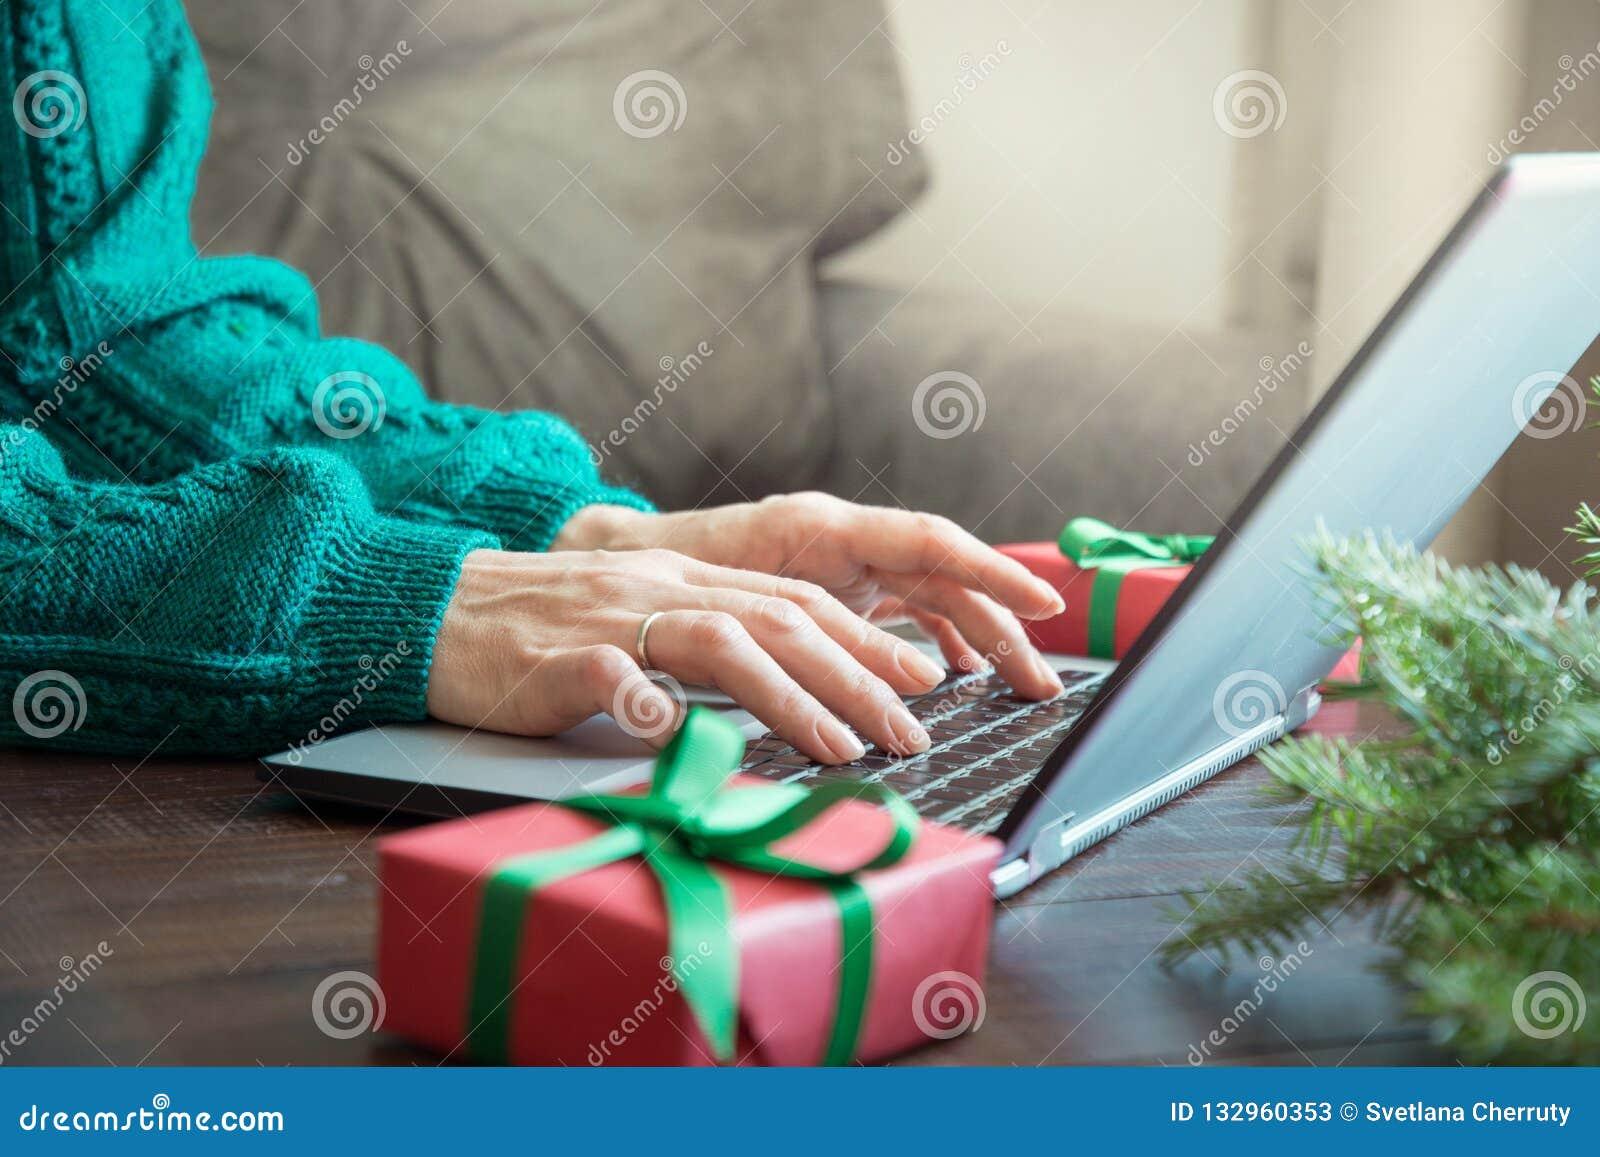 På bokstäver som hänger julklockor Kvinna som skriver på bärbara datorn i hemmiljö Xmas-begrepp Hyvla ferier